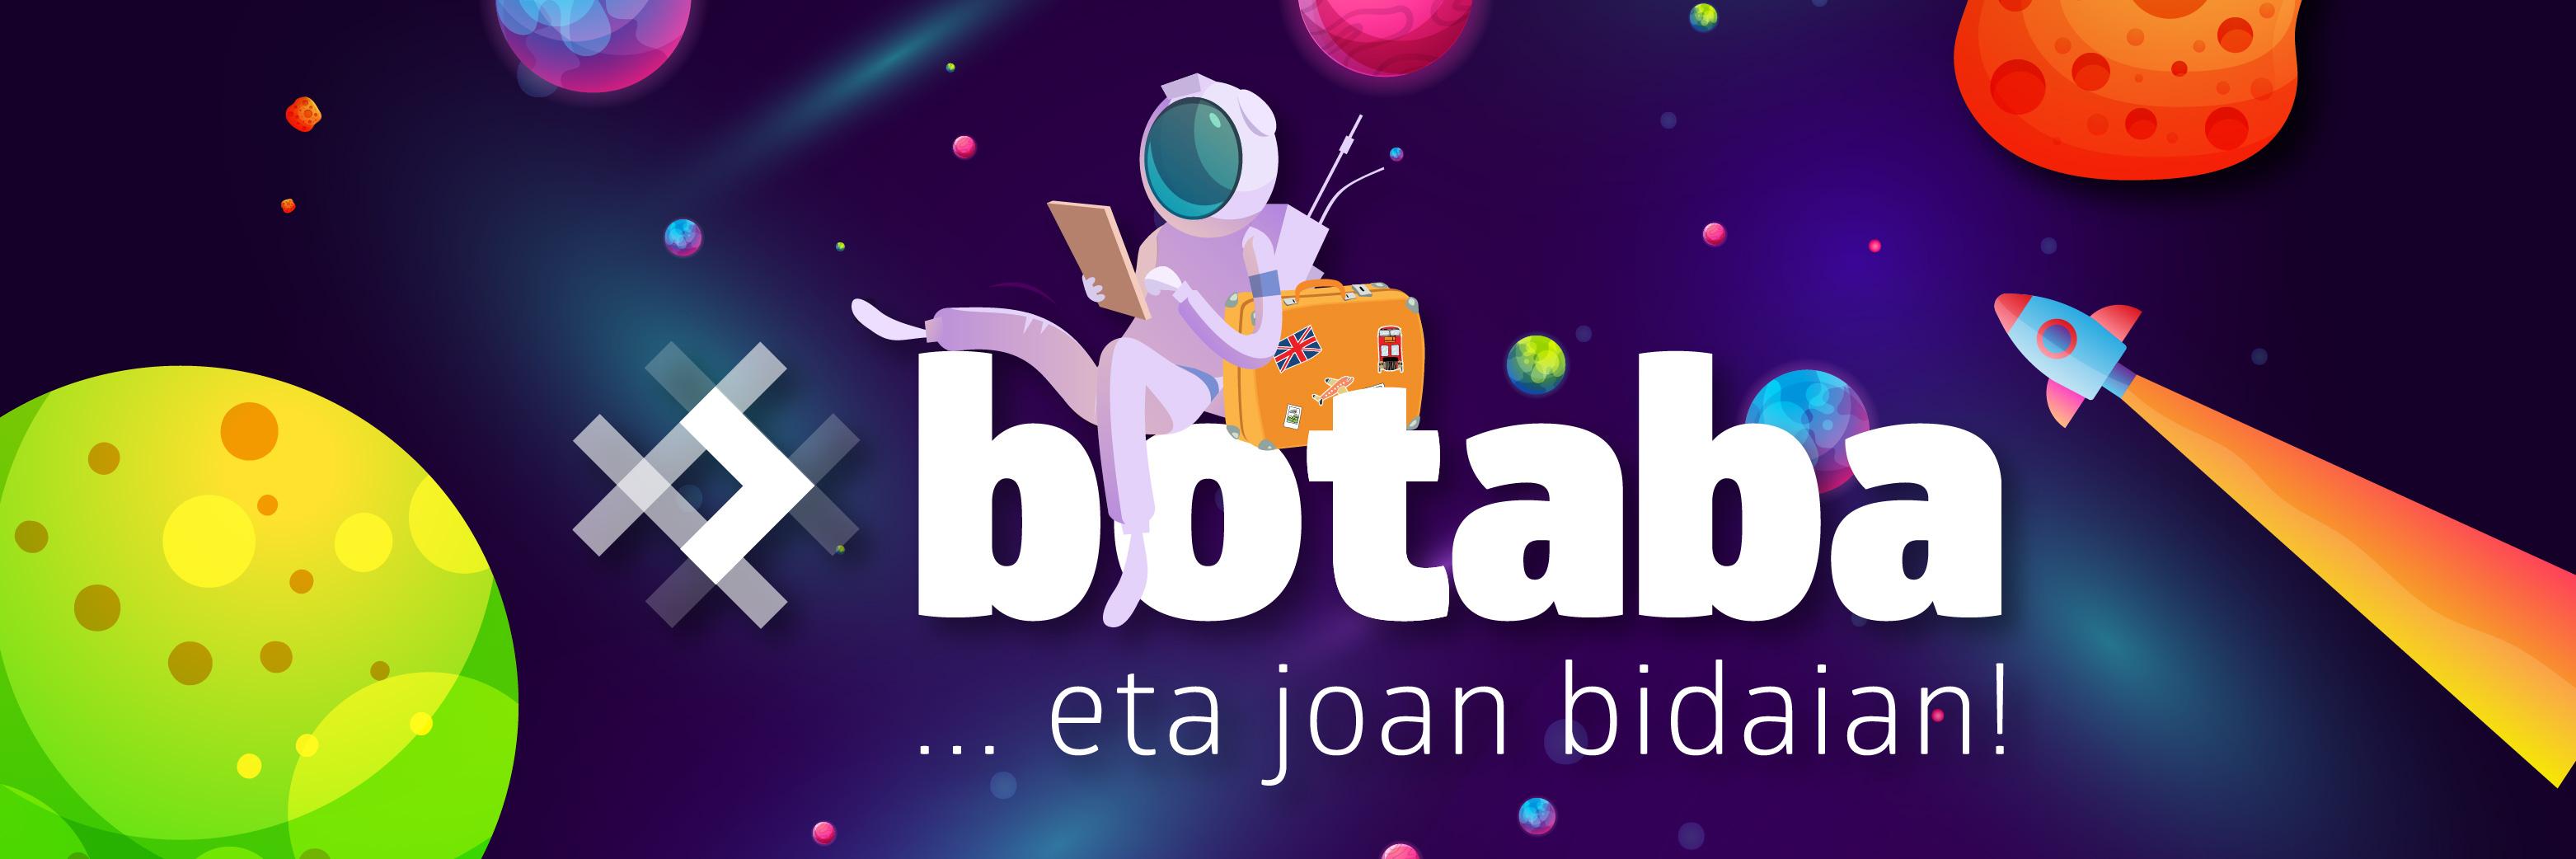 -ren irudia #botaba, euskal esamoldeekin jolasteko lehiaketa